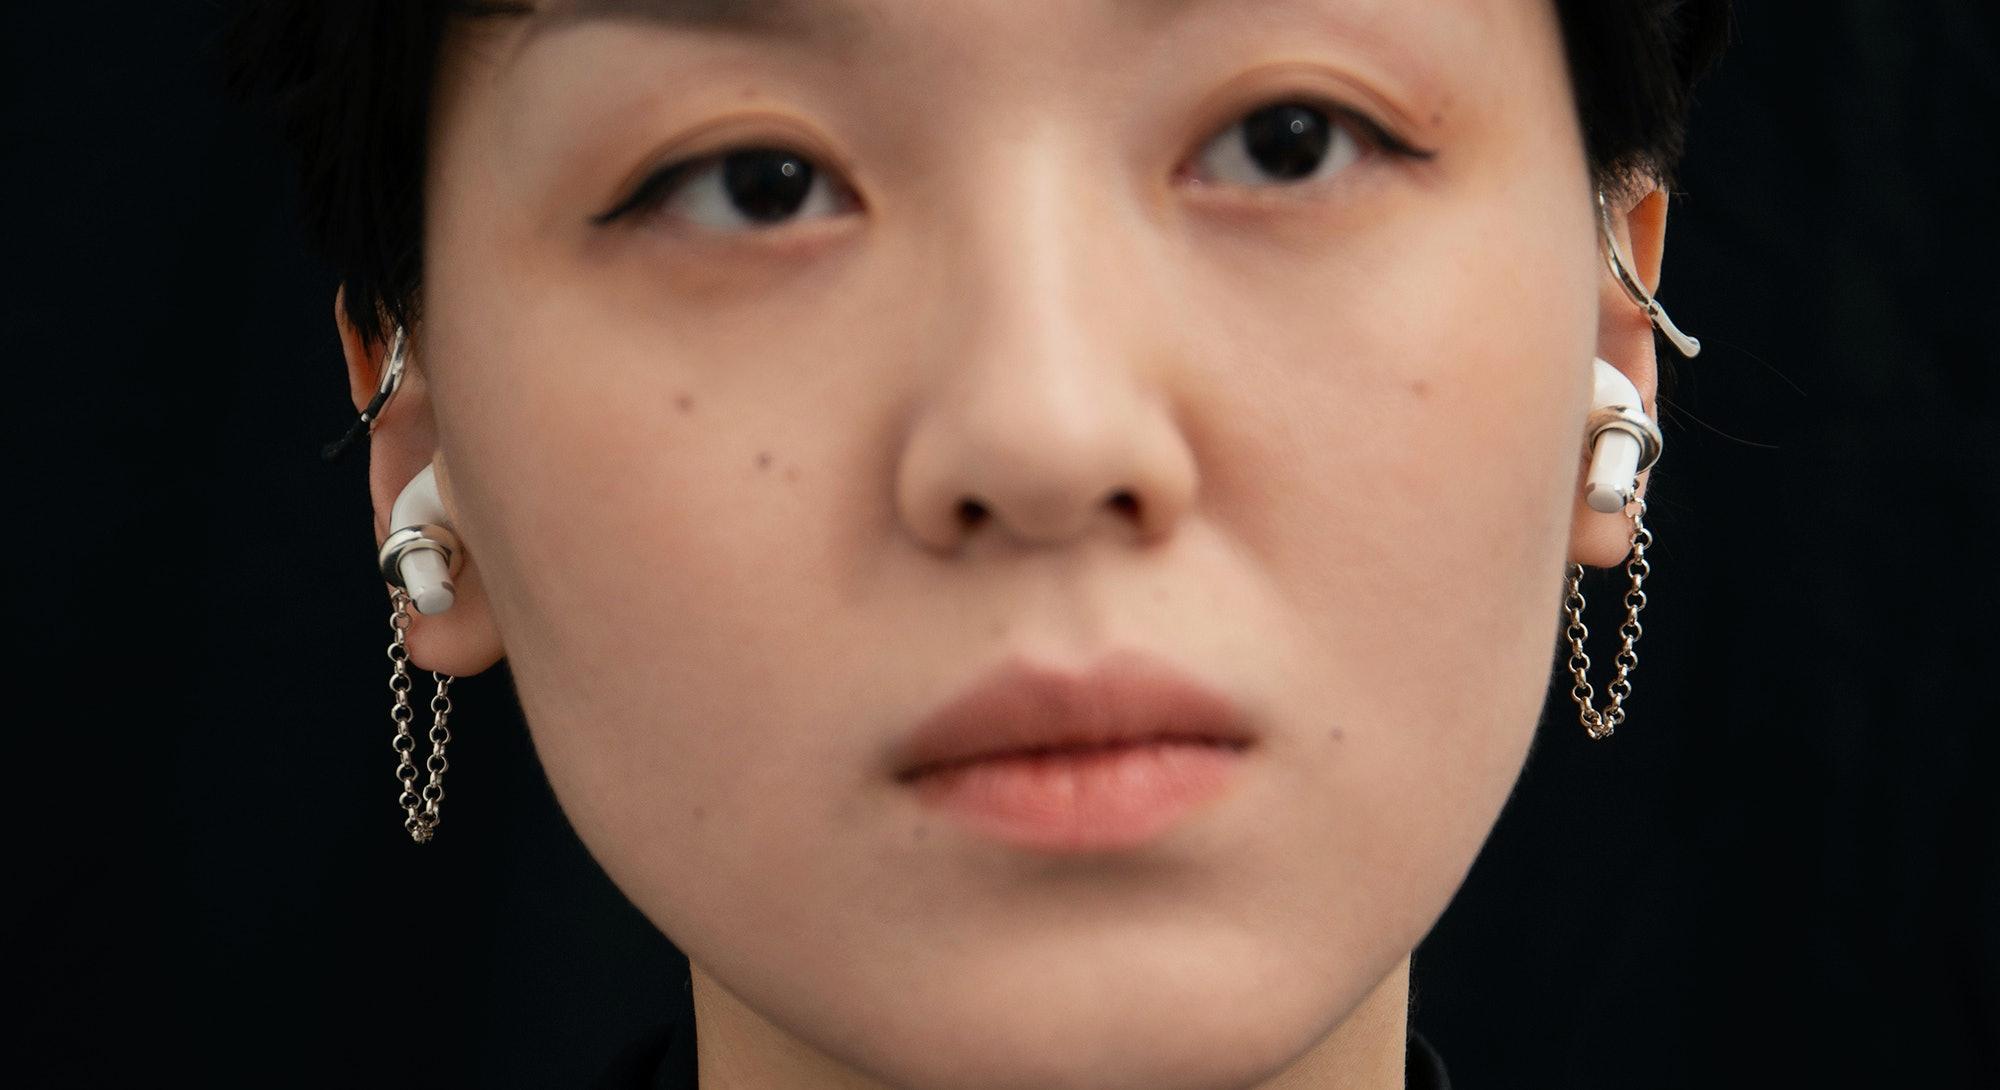 A model is seen wearing a pair of Mara Paris AirPod earbud cuffs.